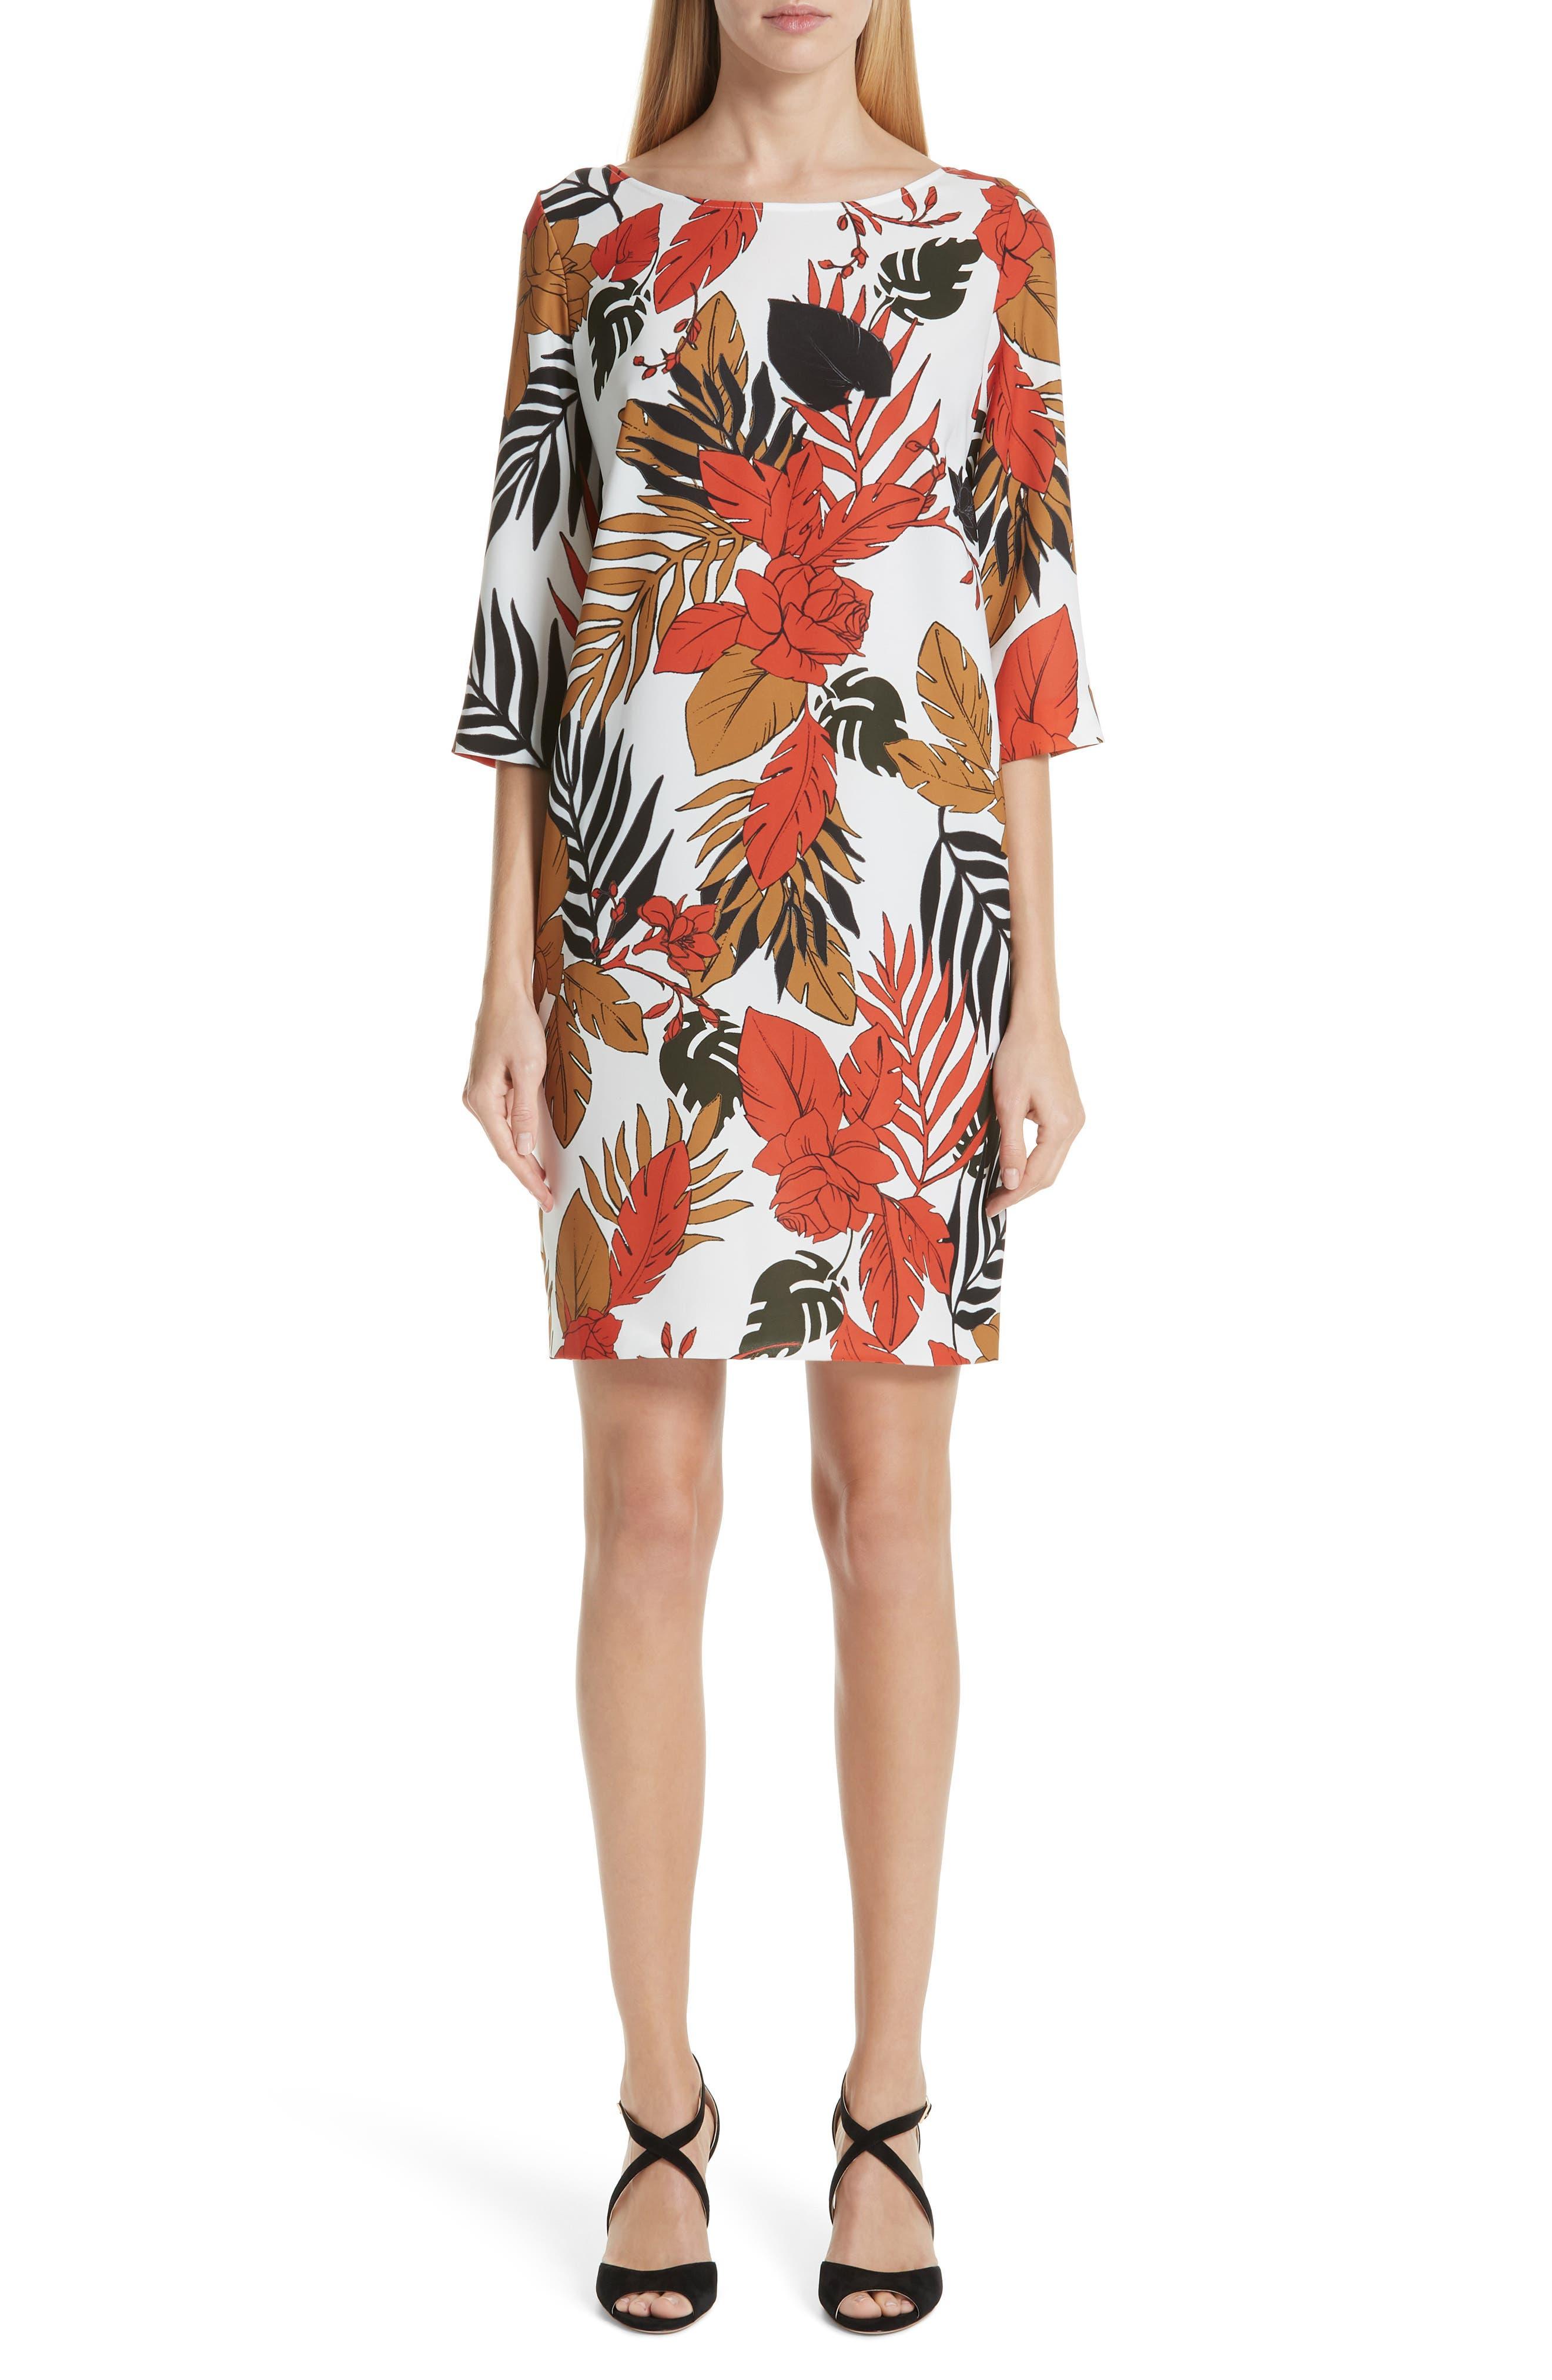 Fuzzi Floral Shift Dress, 8 IT - White